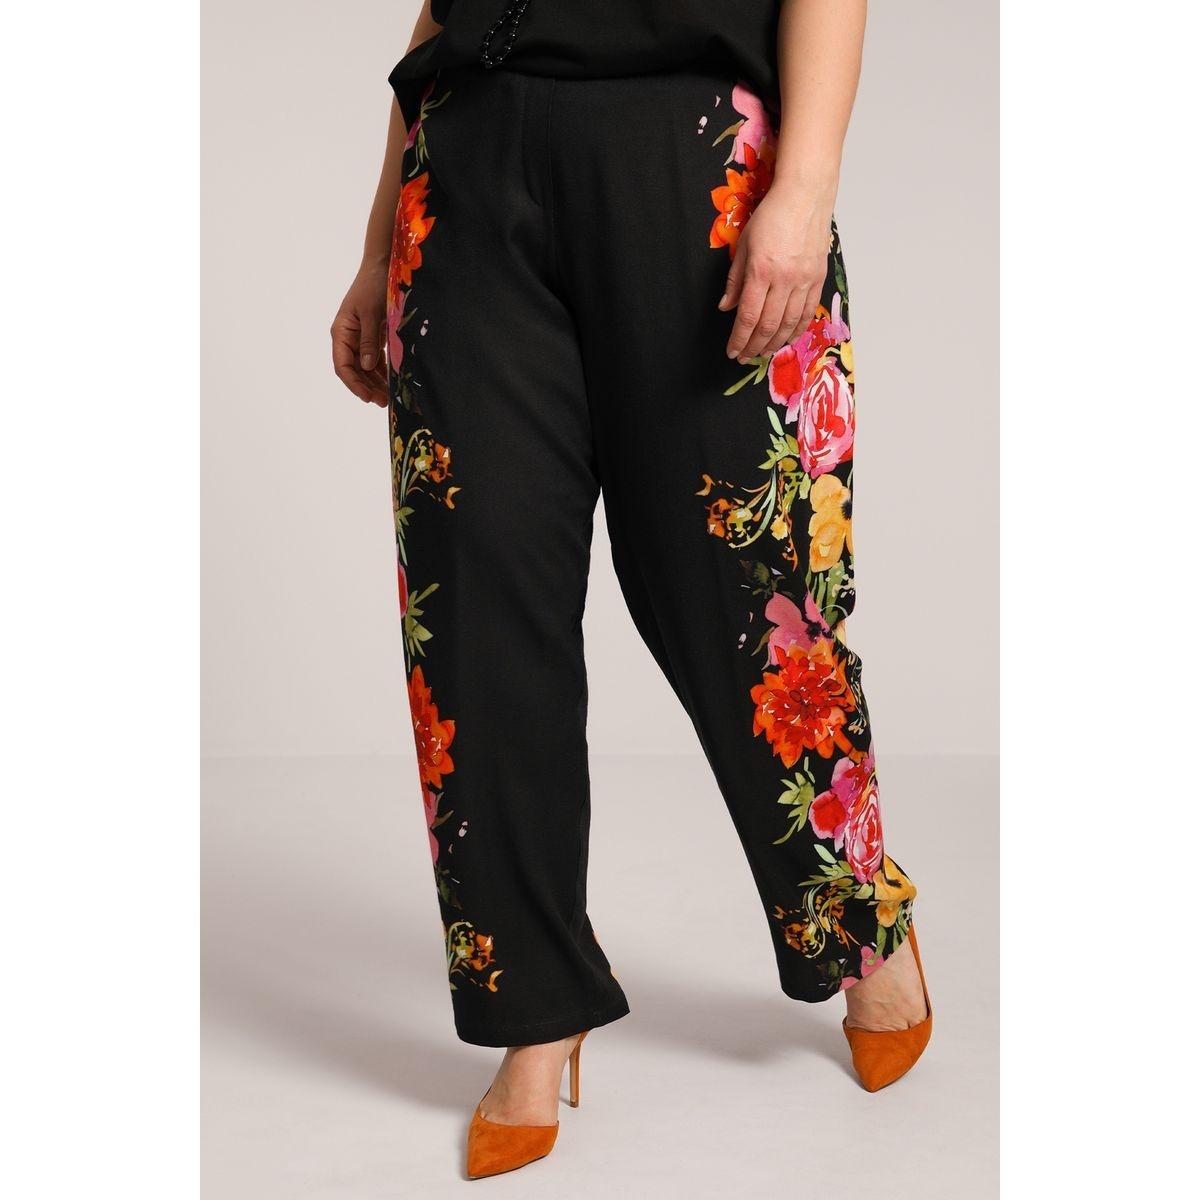 Pantalon en fibranne dessin placé